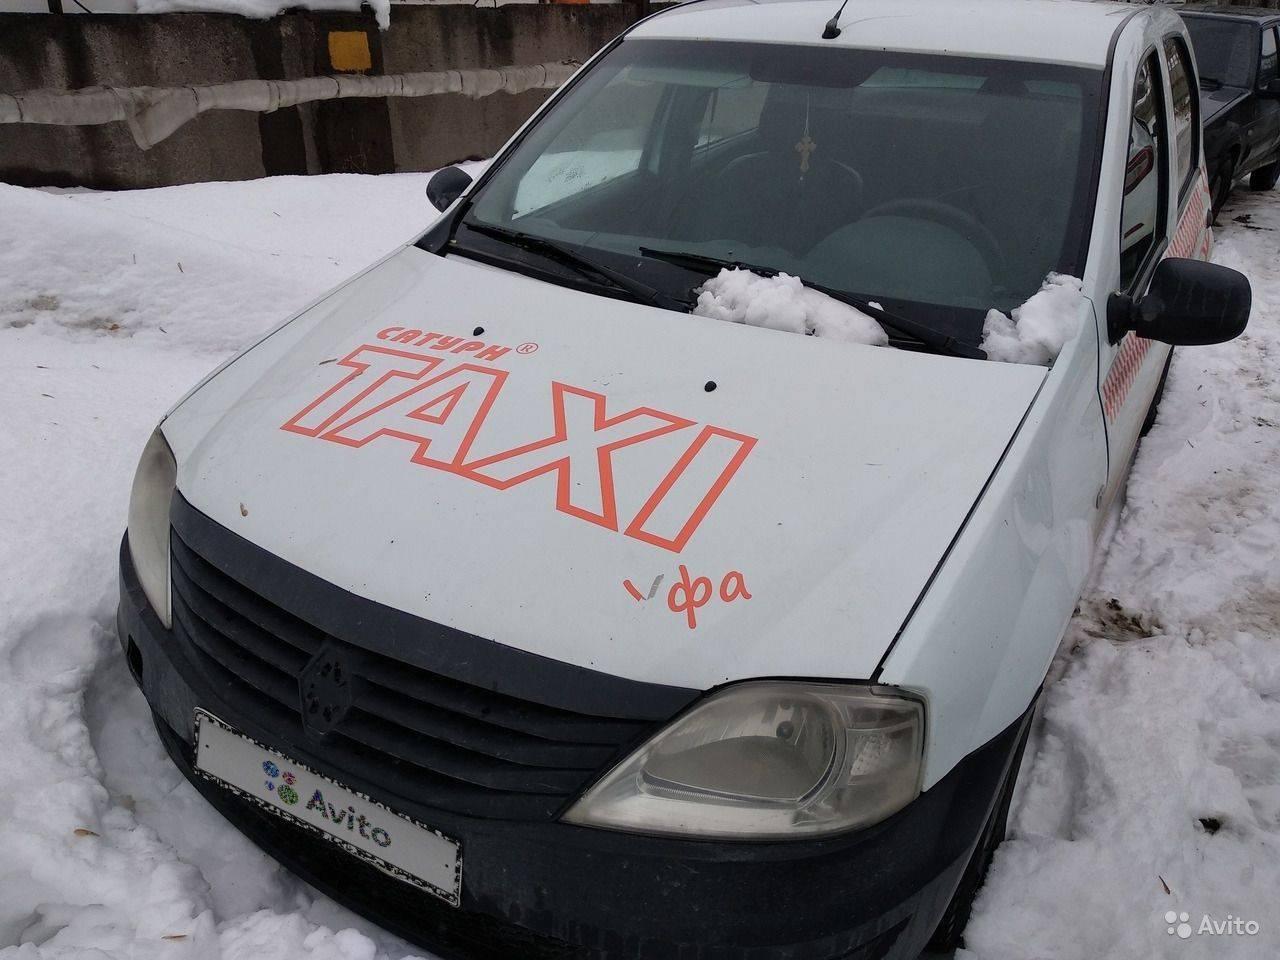 Самый проблемный автомобиль после такси